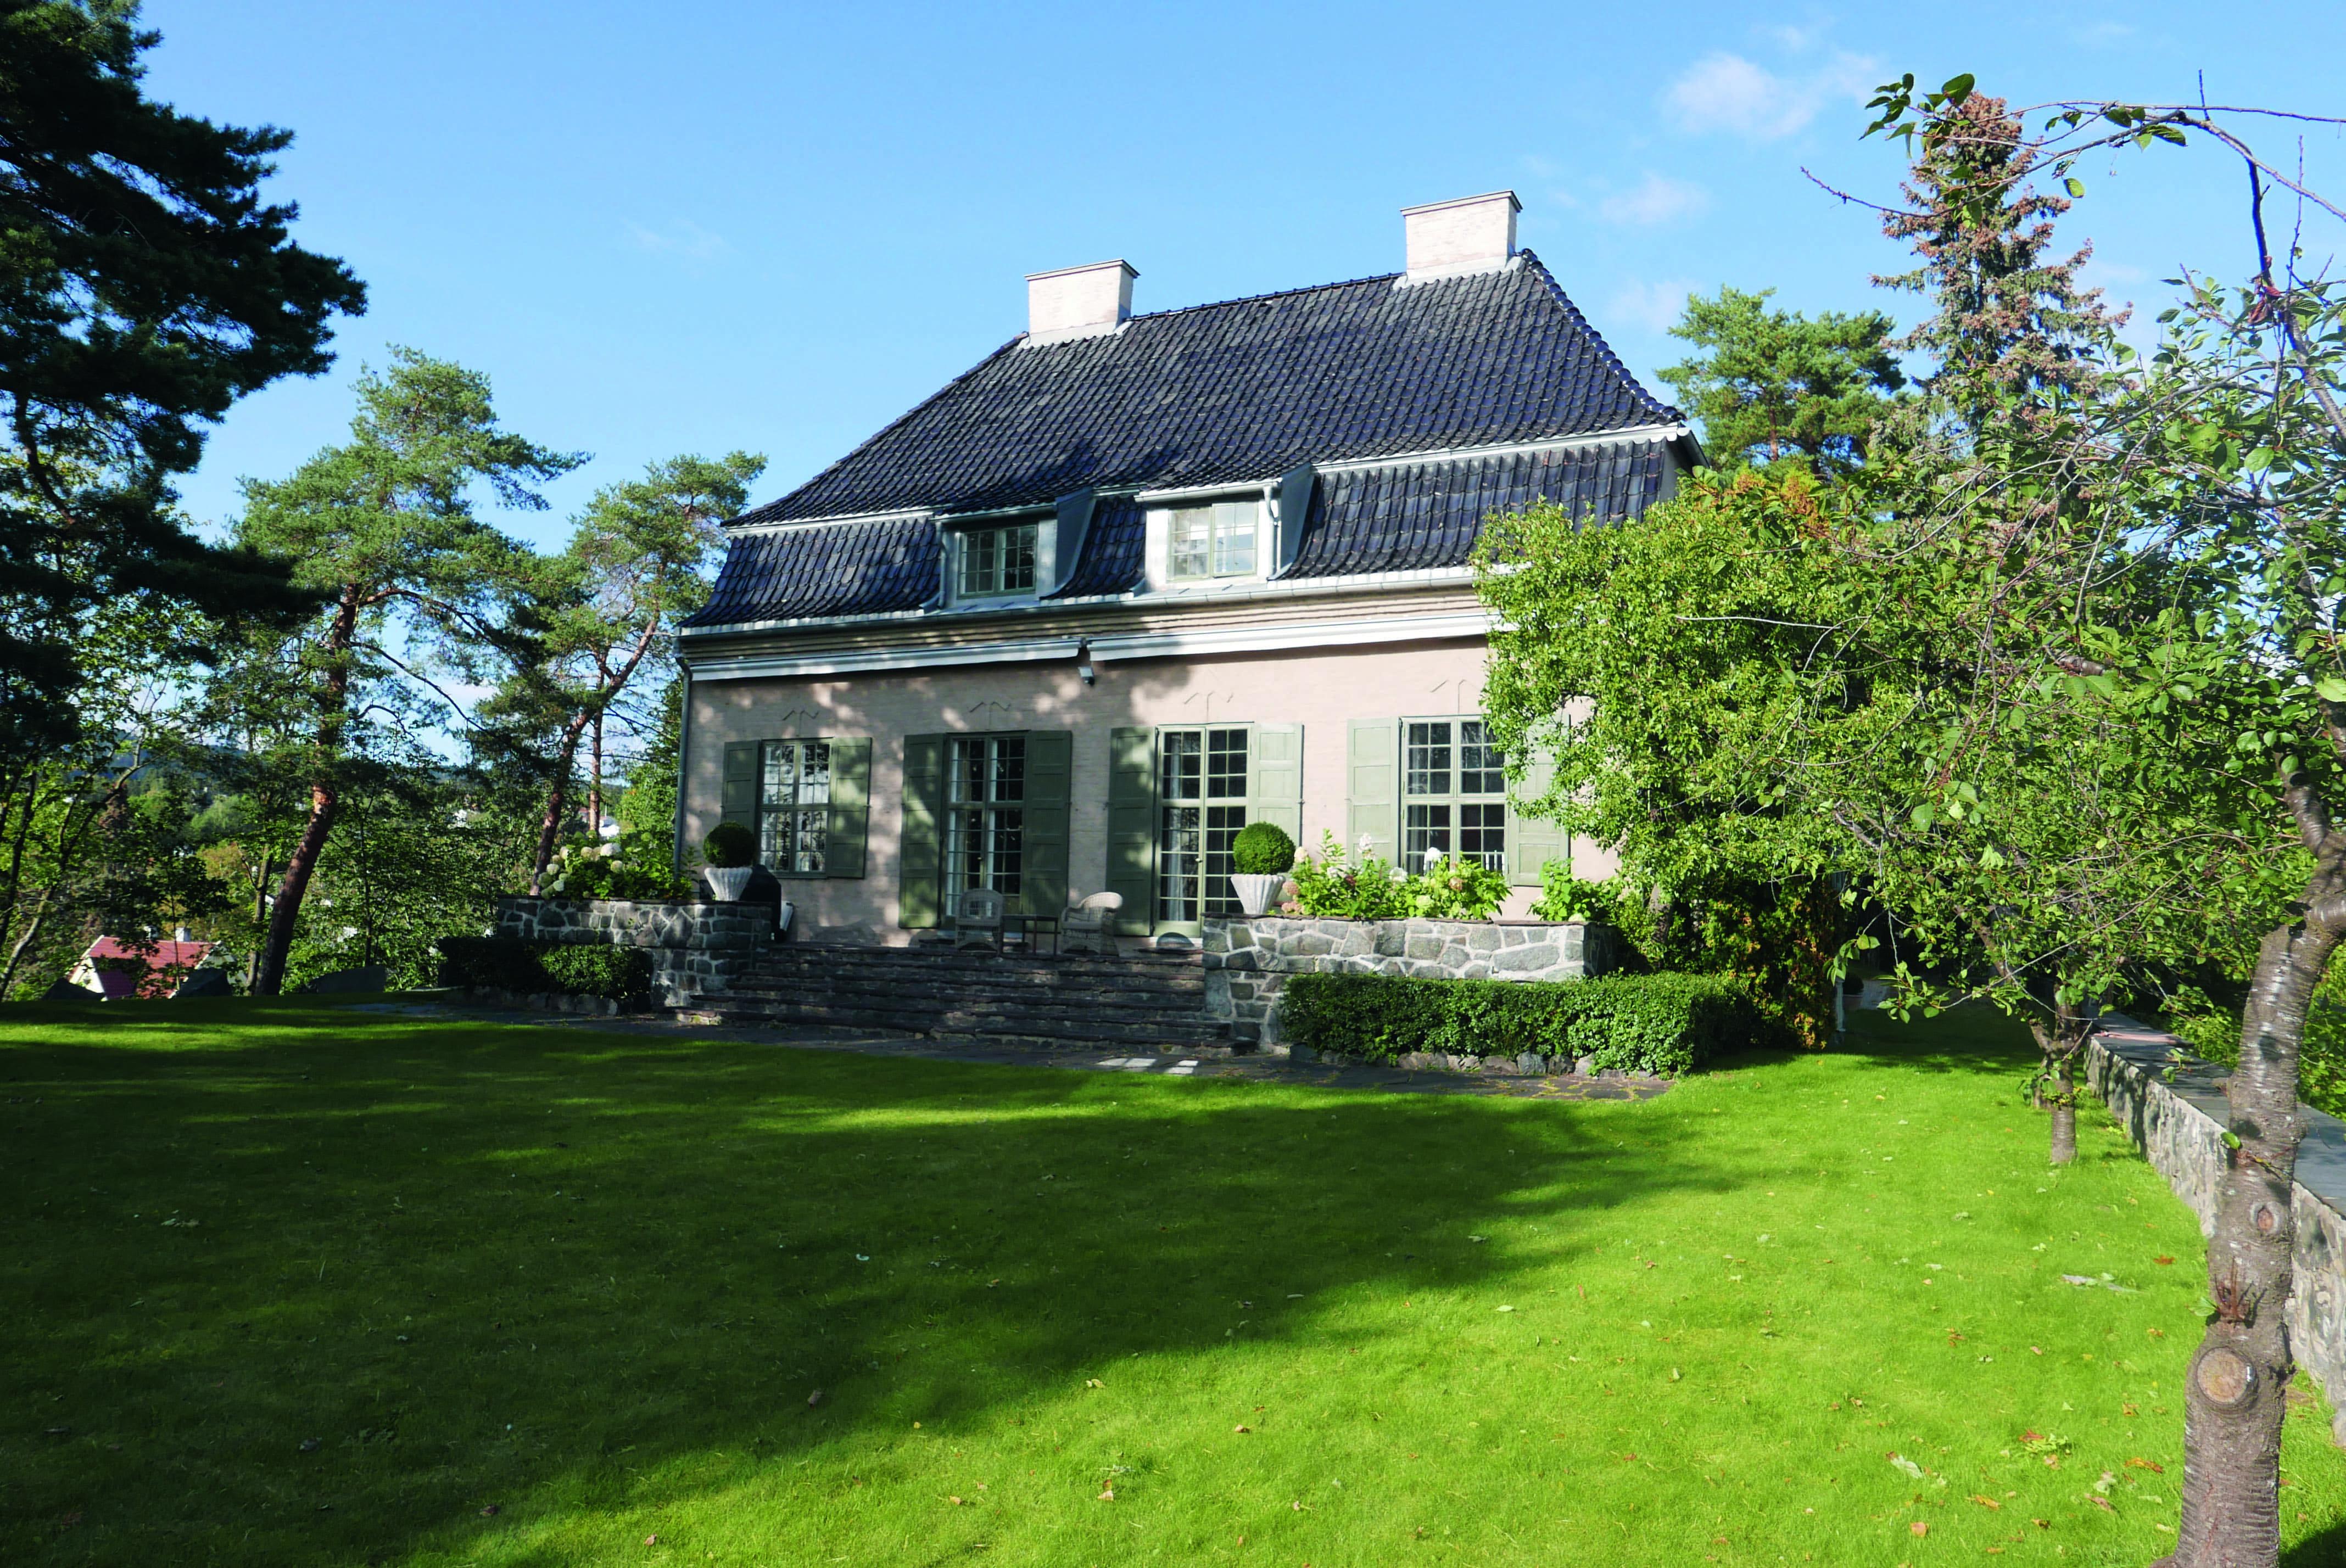 Villa i Ivar Aasens vei 32 på Vinderen i Aker.